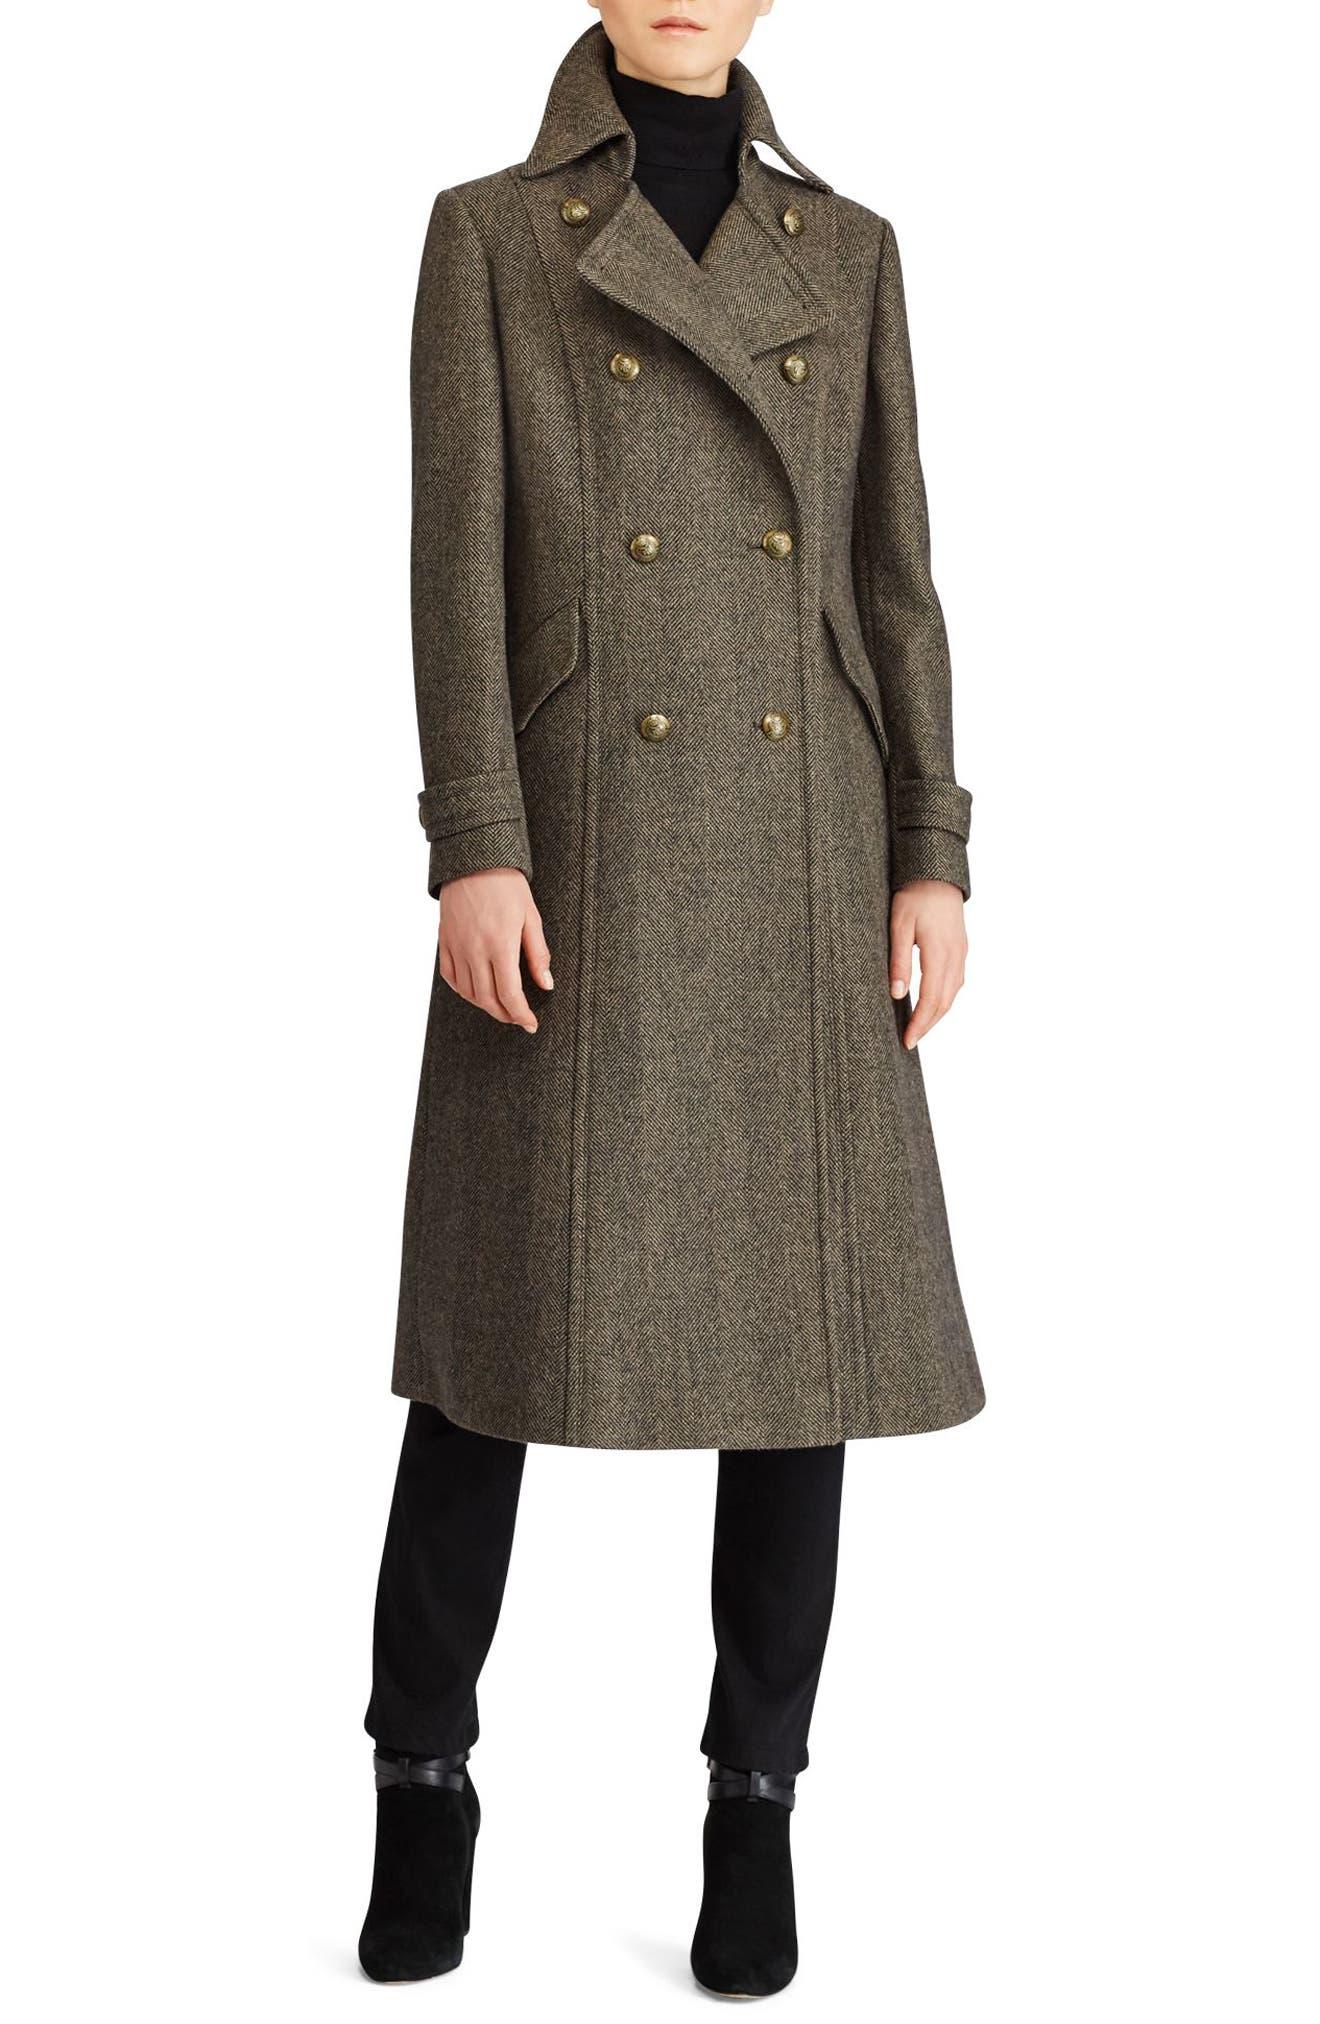 Alternate Image 1 Selected - Lauren Ralph Lauren Herringbone Wool Blend Long Military Coat